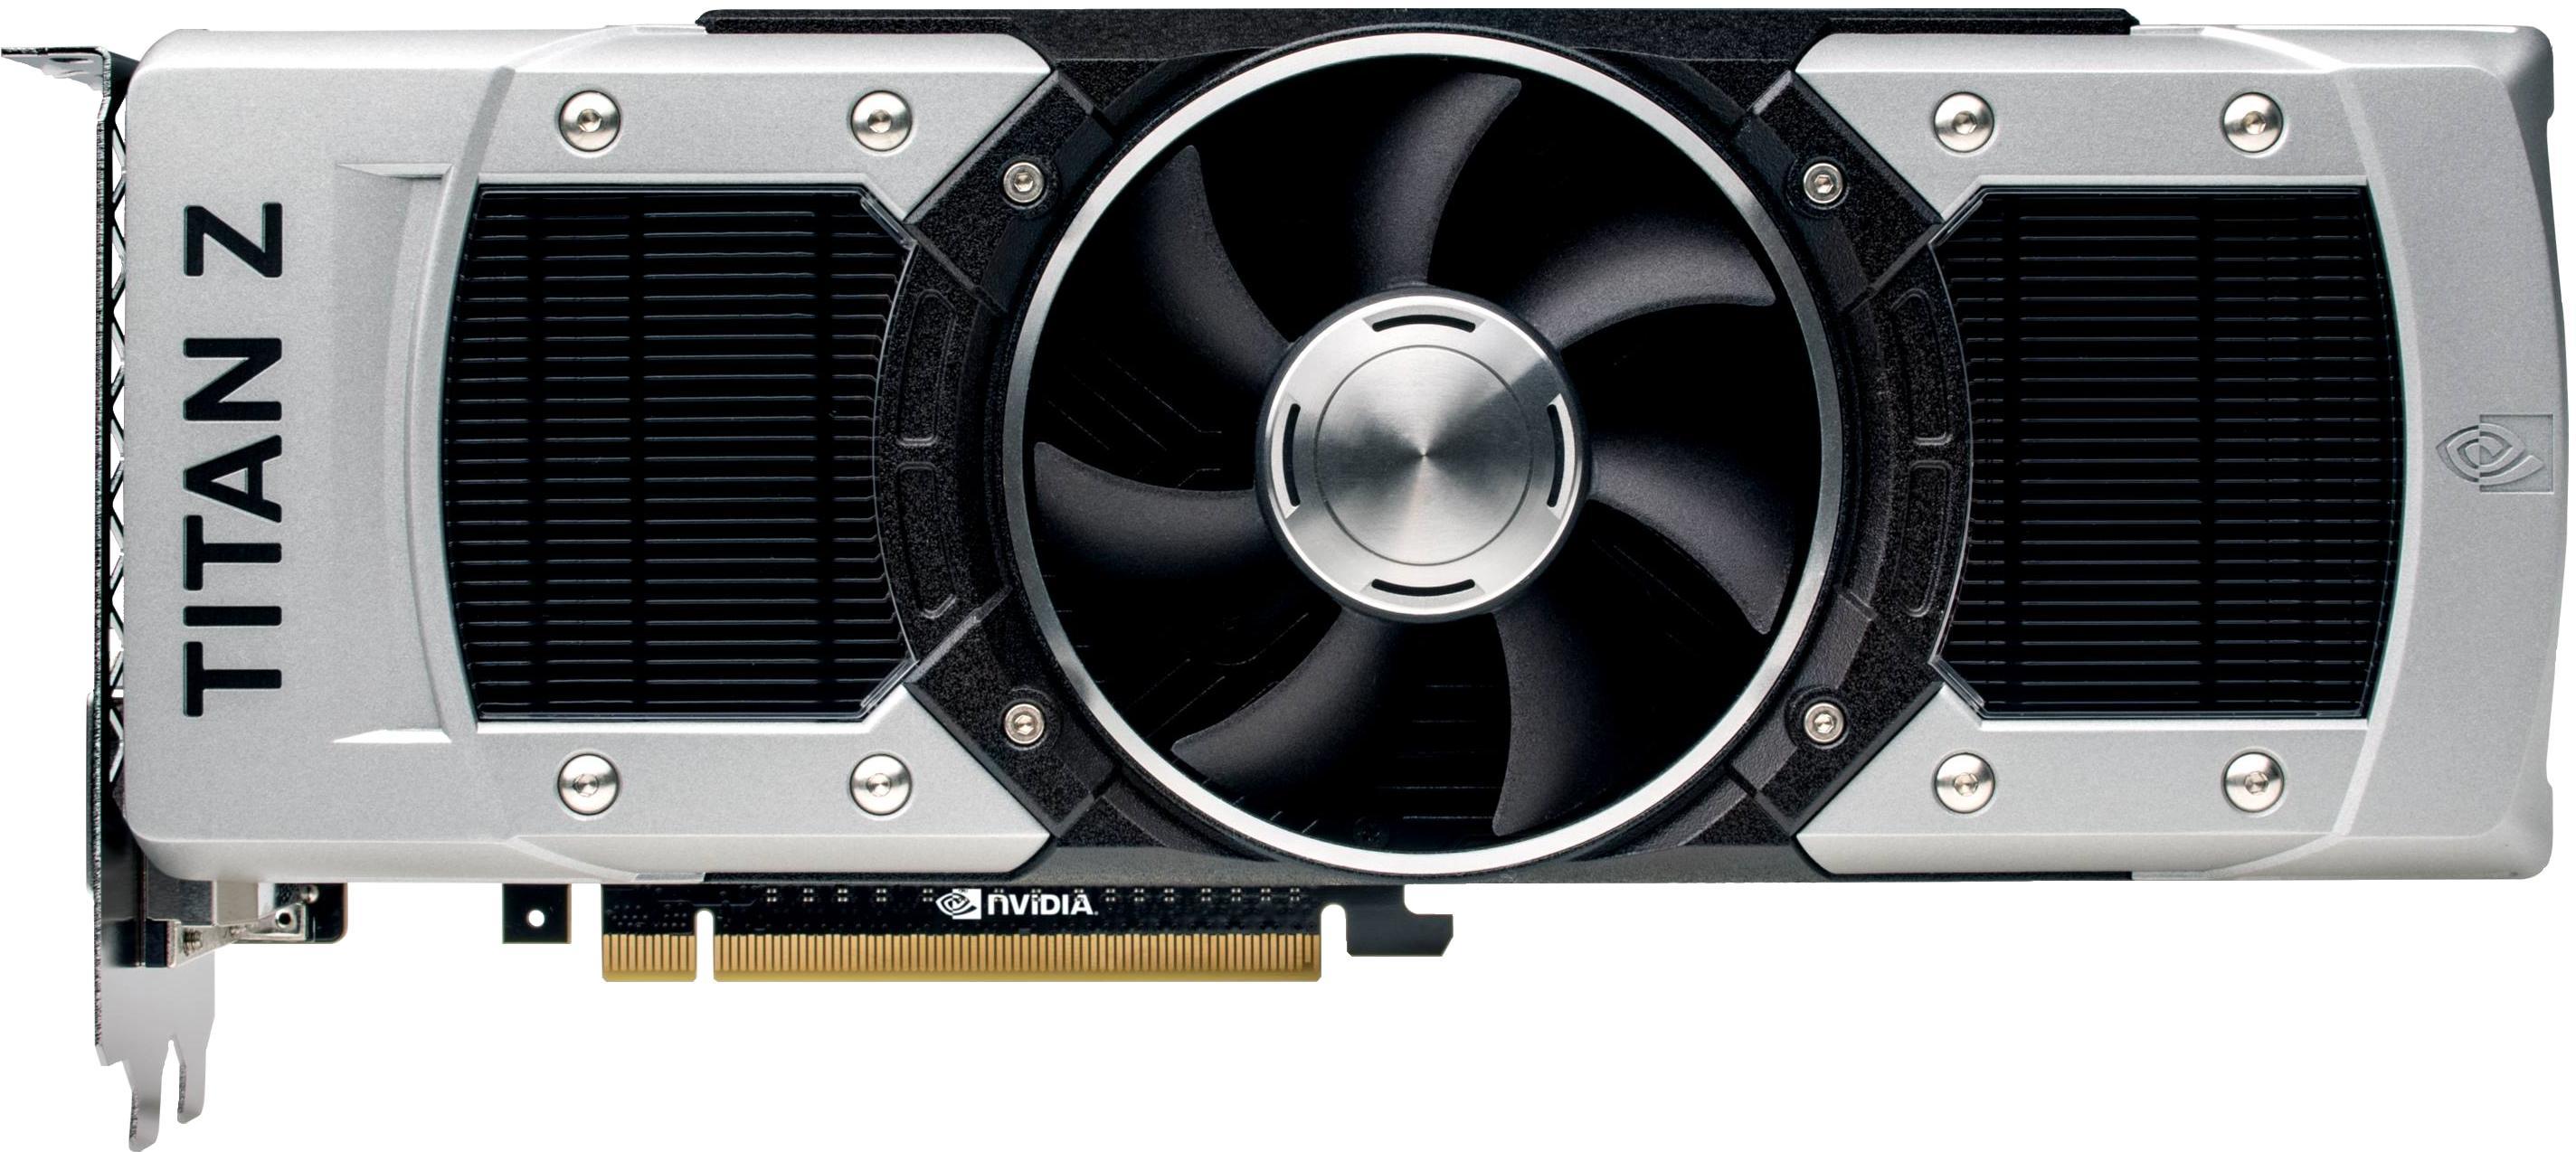 MSI GeForce GTX Titan Z